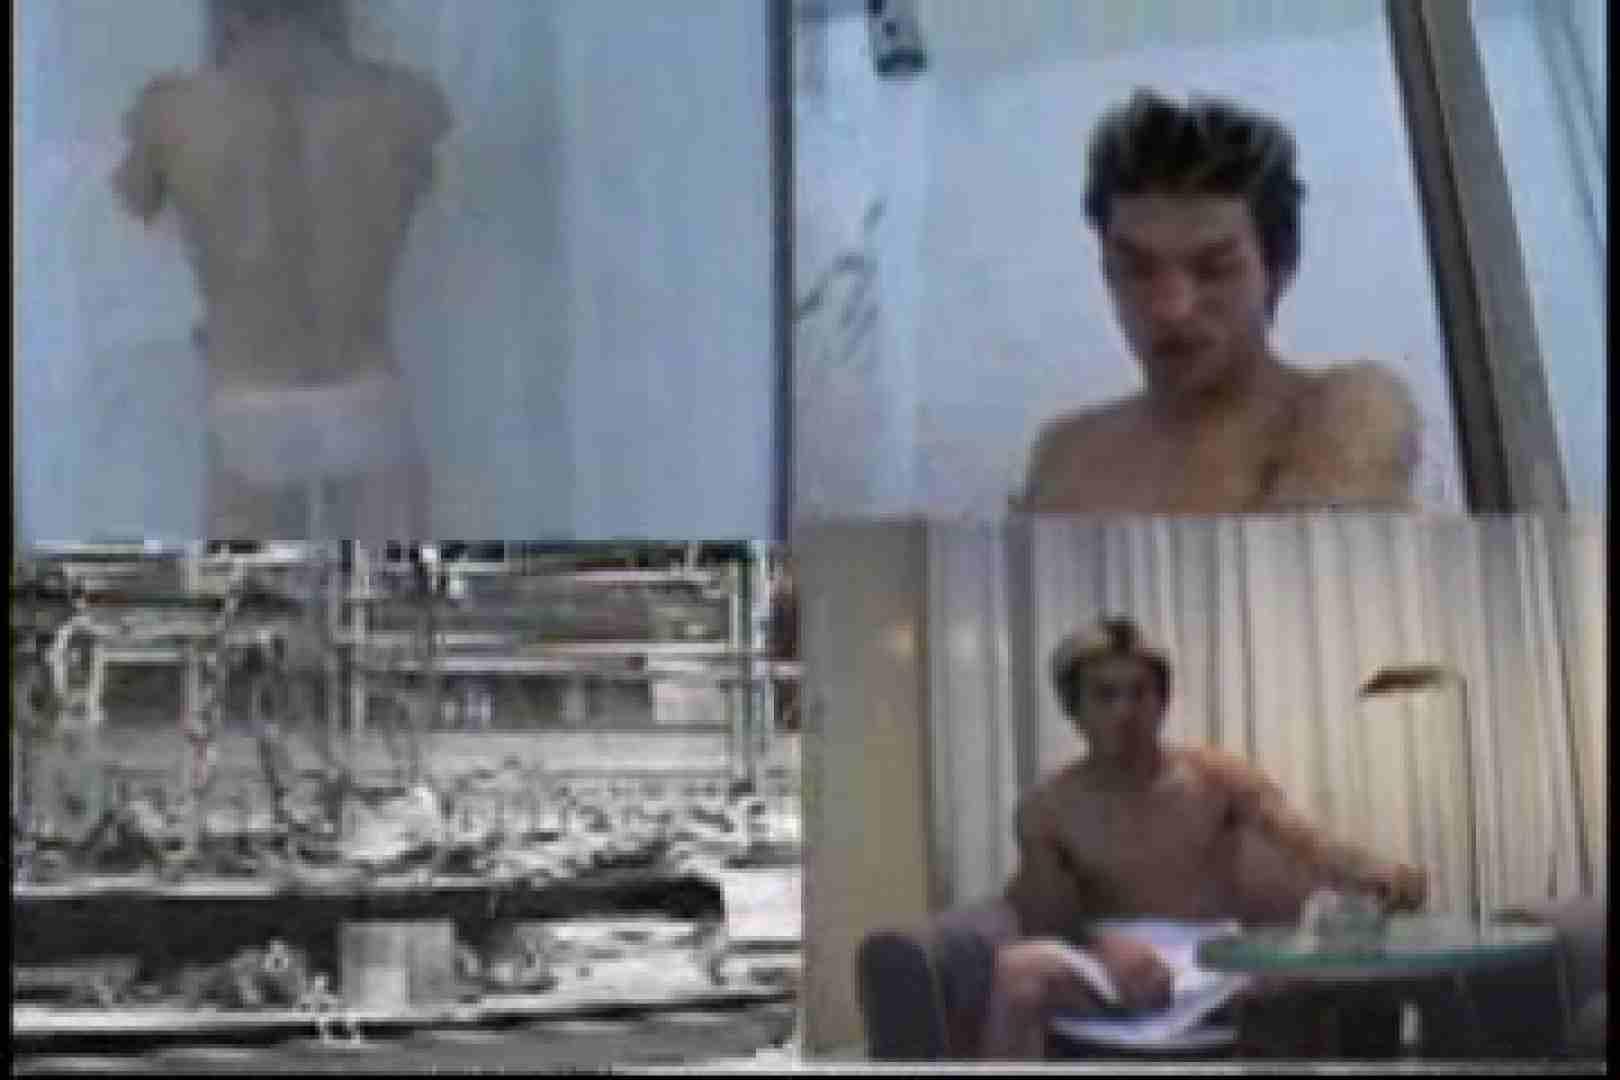 ガテン系男盛り!vol.01 フェラシーン | 男の世界  73画像 37